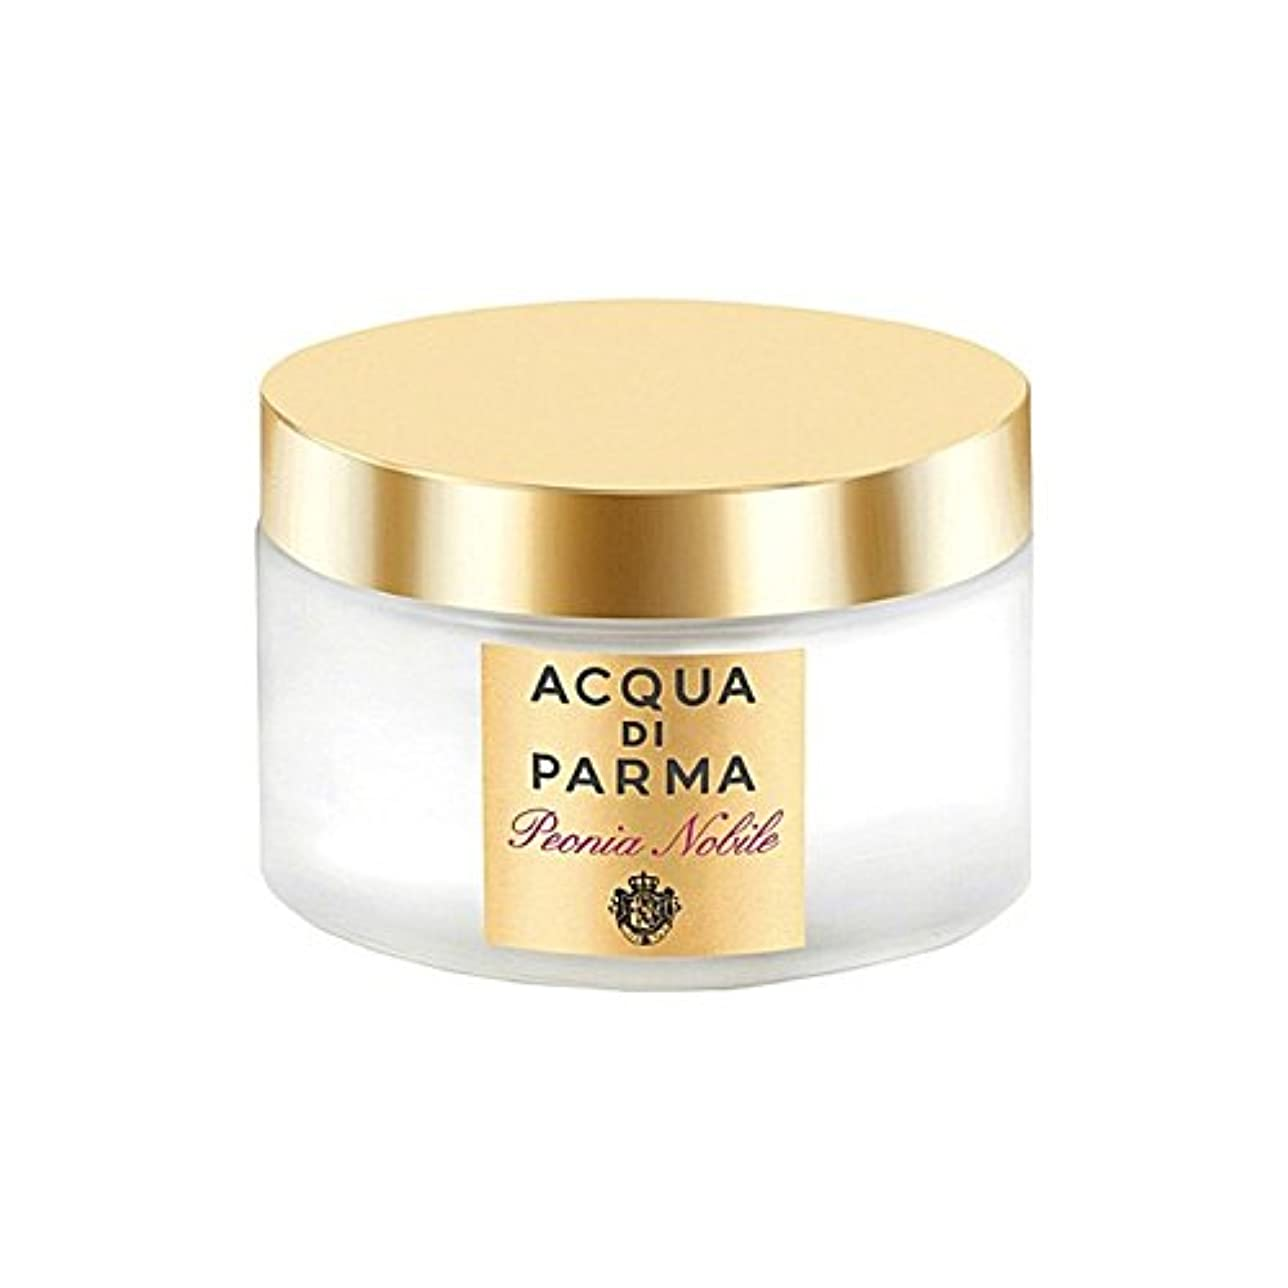 ペイント上級首尾一貫したAcqua Di Parma Peonia Nobile Body Cream 150ml - アクアディパルマノビレボディクリーム150ミリリットル [並行輸入品]